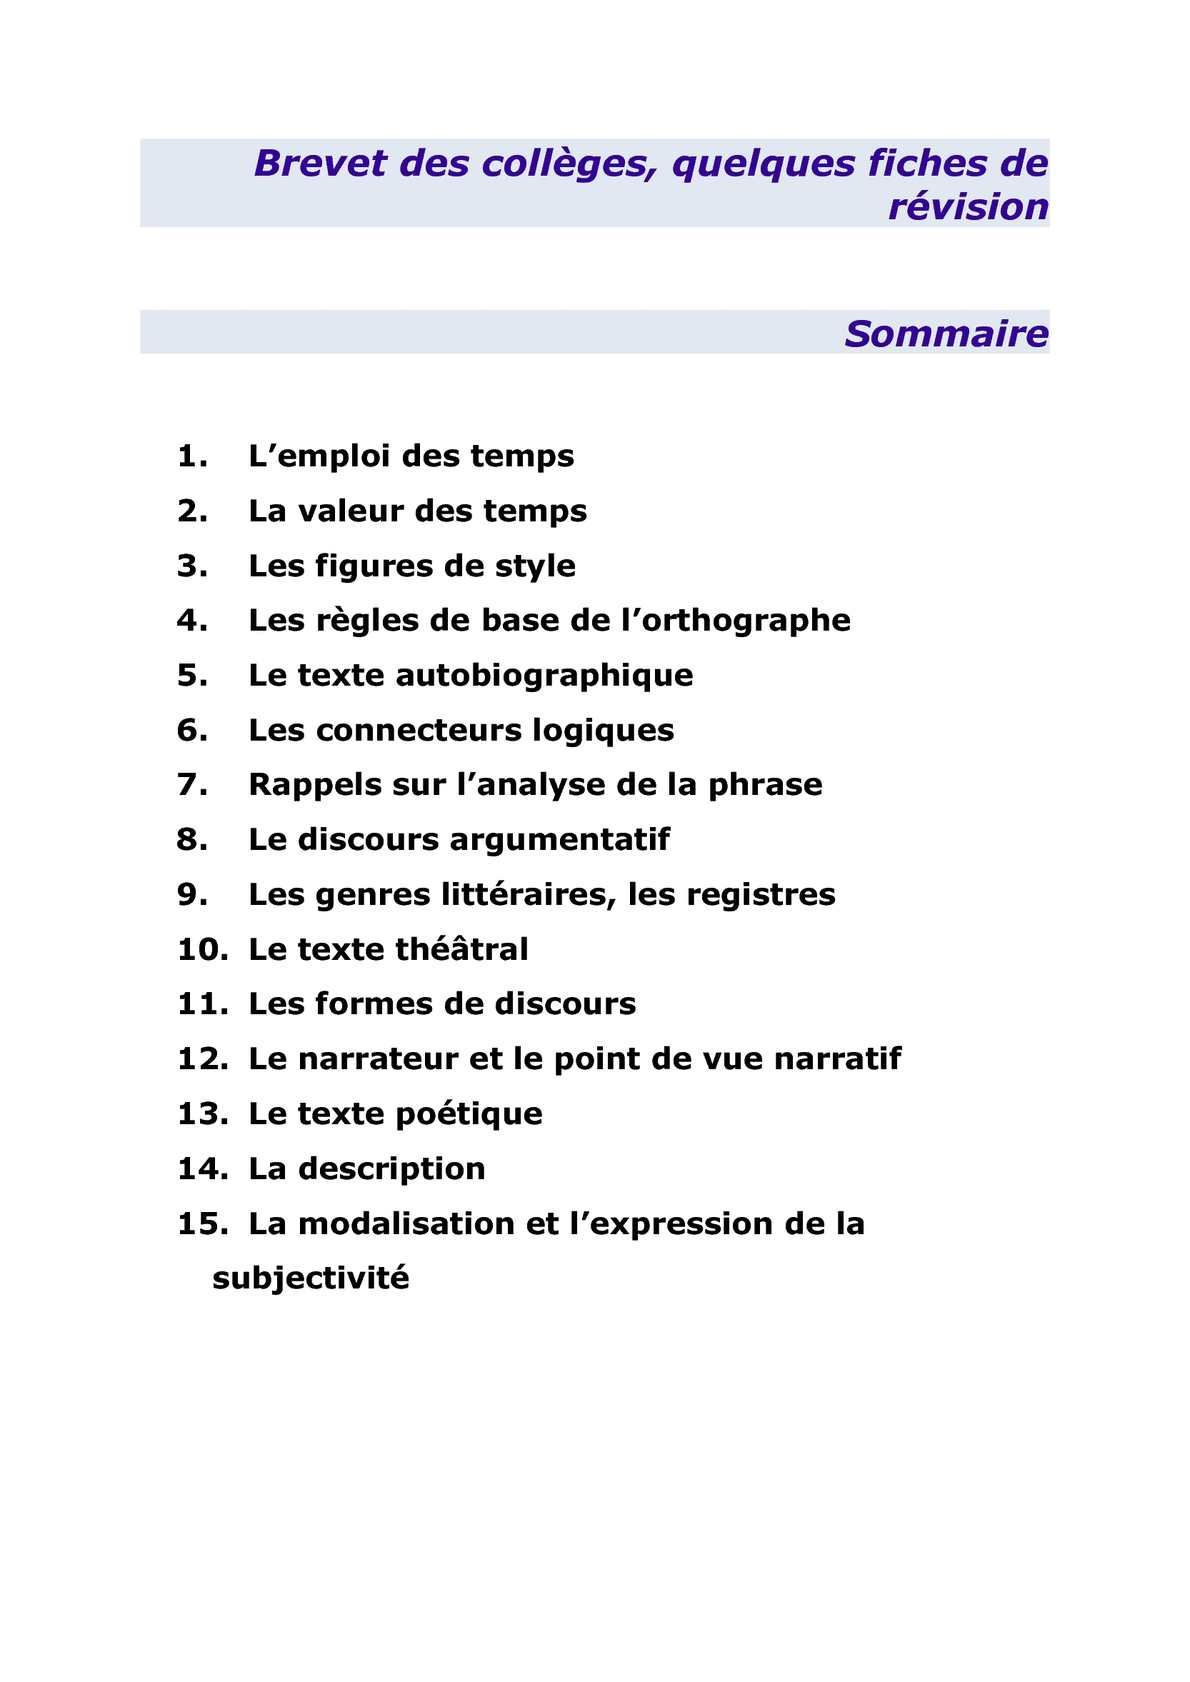 Fiche Revision Brevet Francais Pdf : fiche, revision, brevet, francais, Épinglé, Jacline44, C4-Collège, Franç5-Littérature, Brevet, Collèges,, Révision, Français,, Français